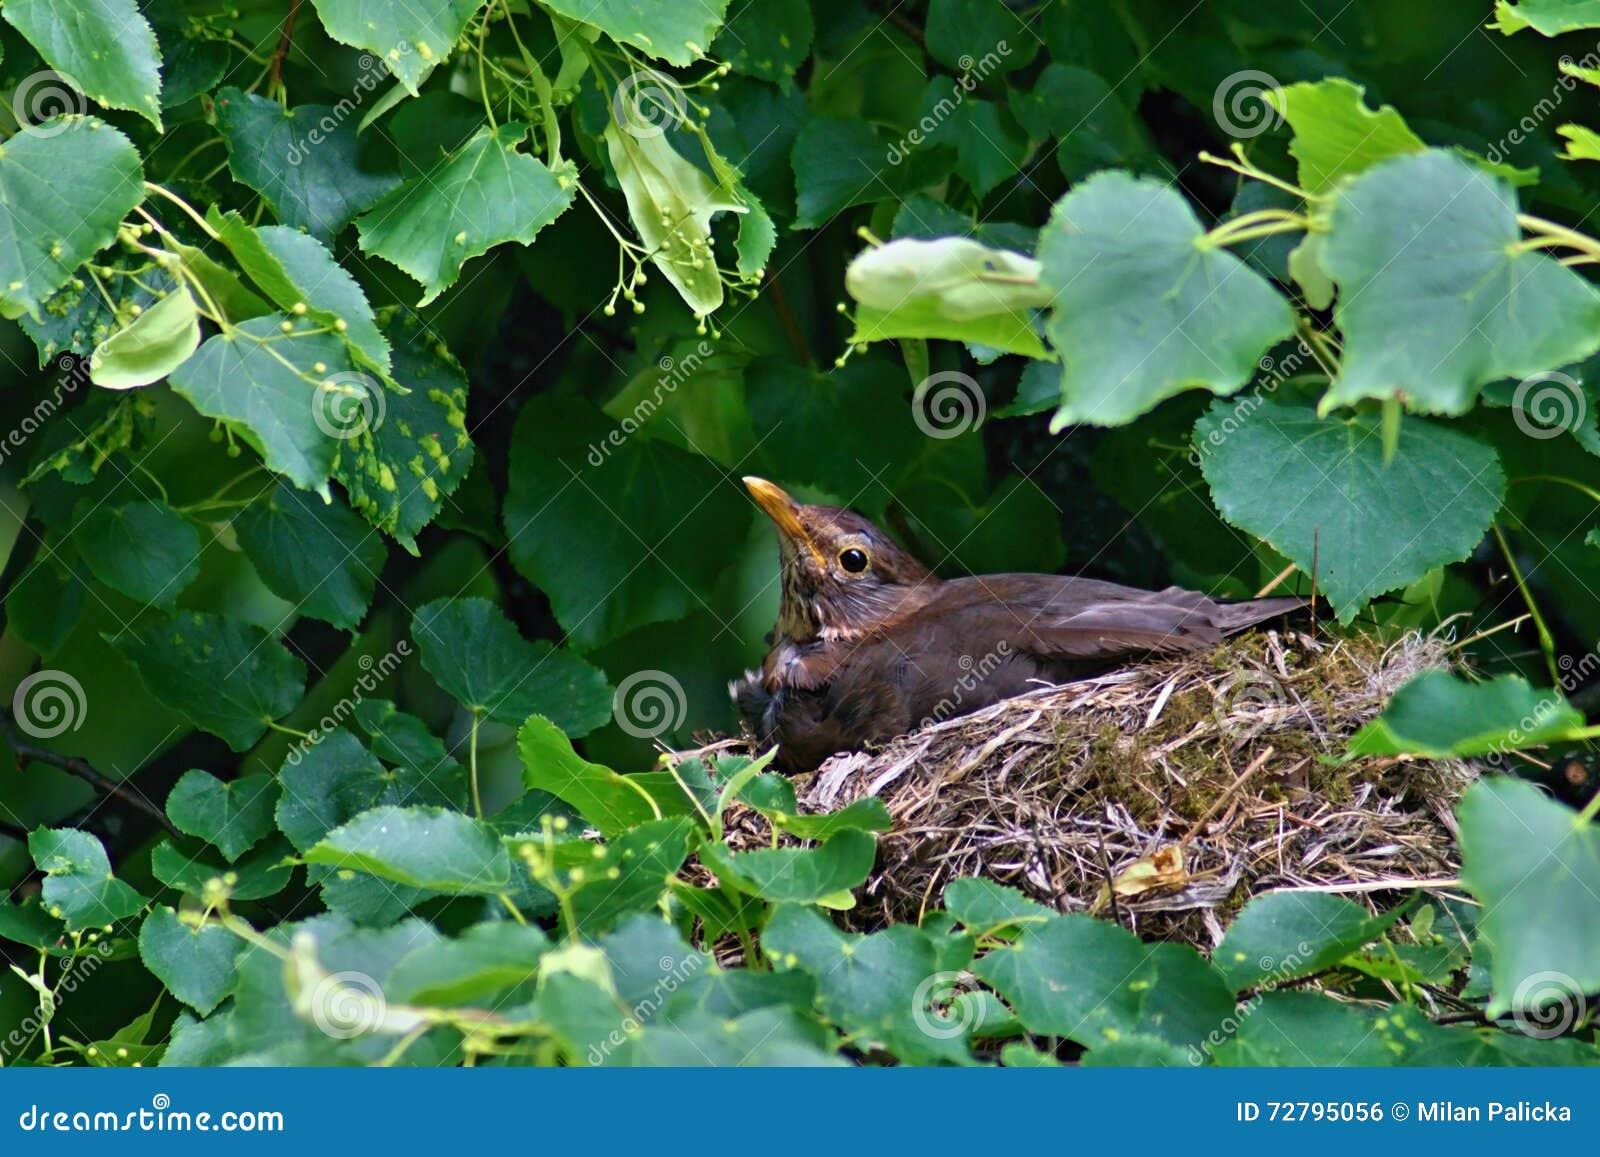 Blackbird on tree on nest